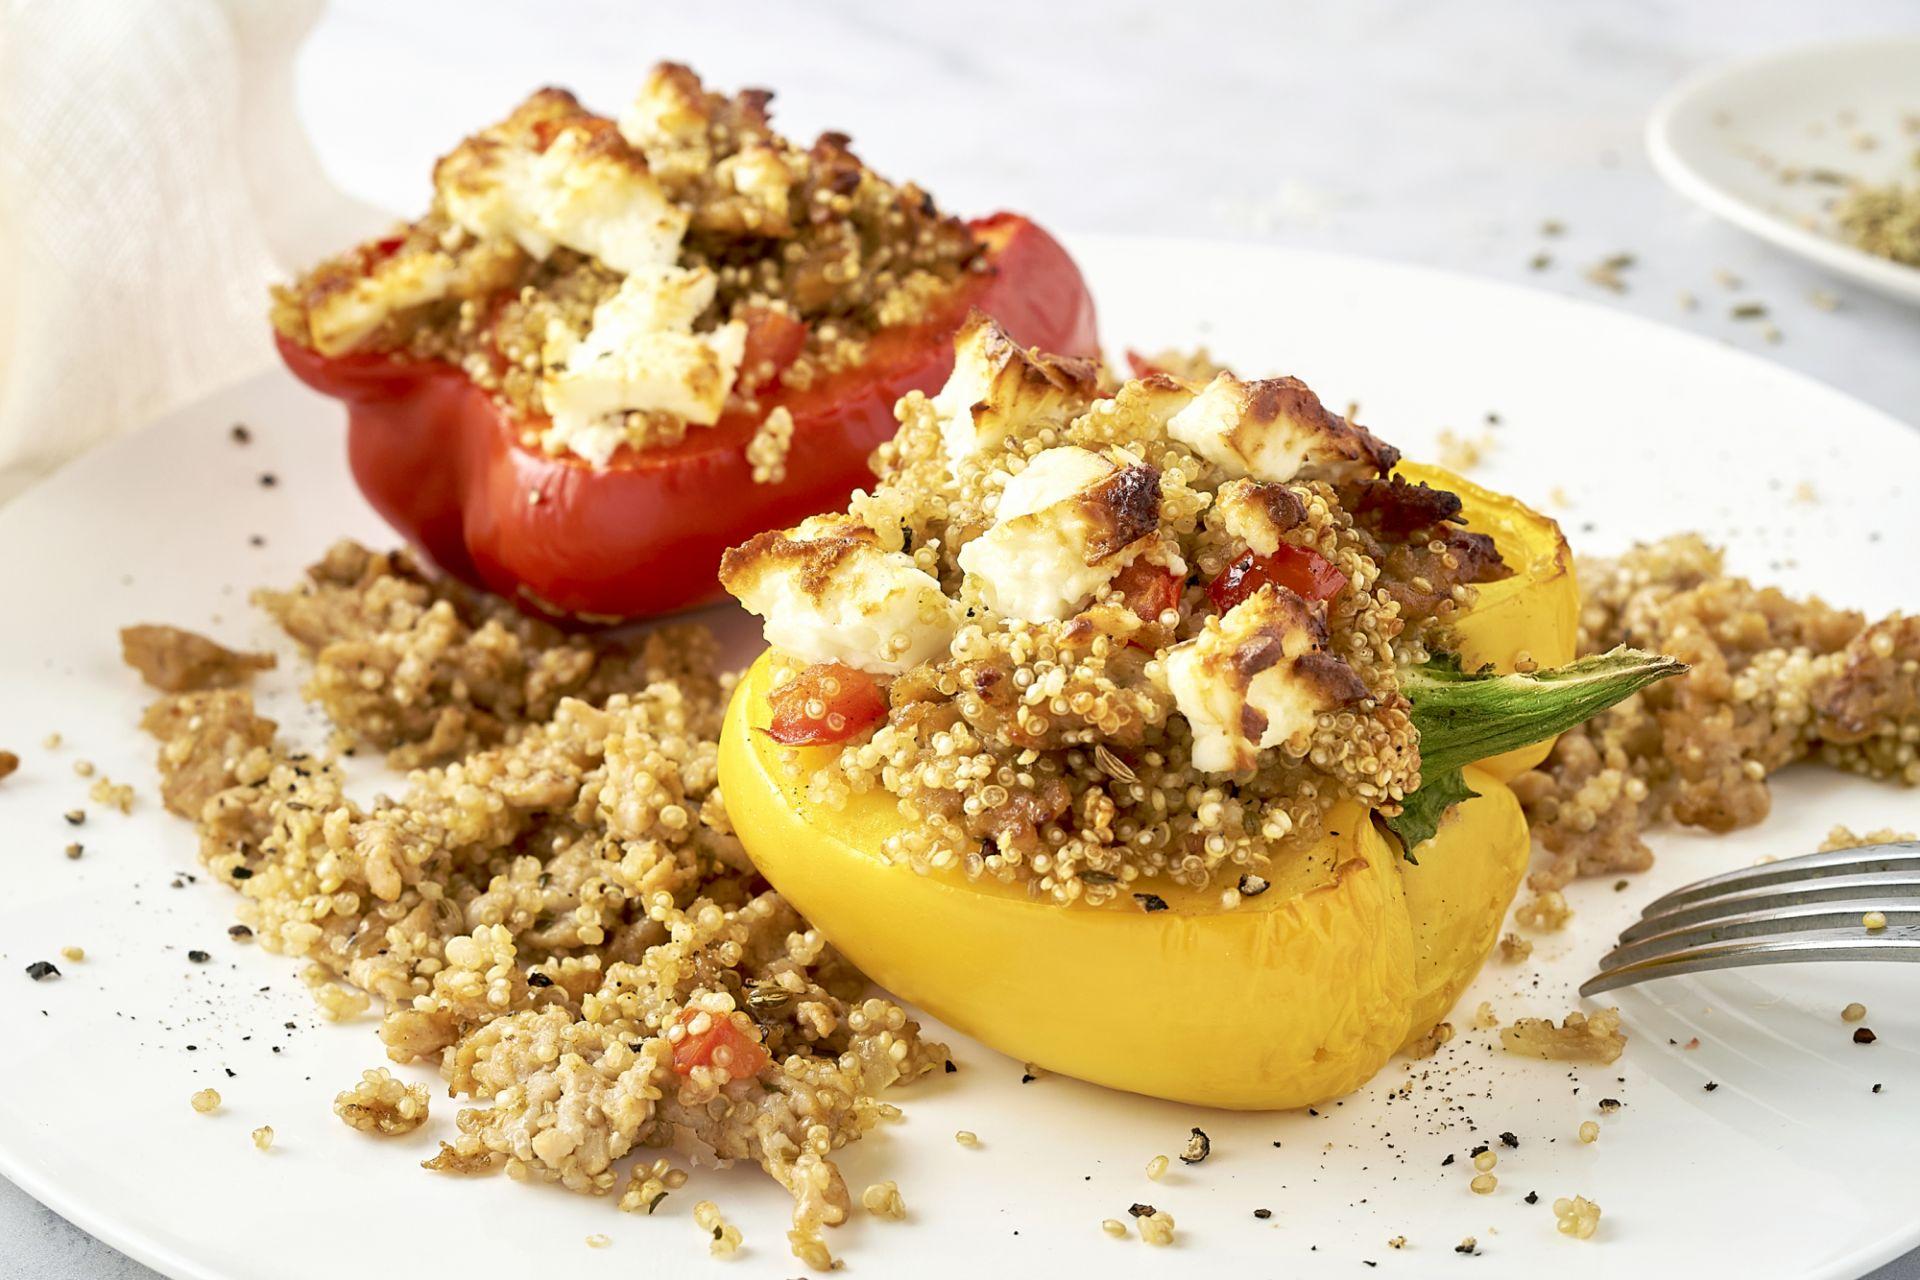 Griekse gevulde paprika met kippengehakt, quinoa en feta